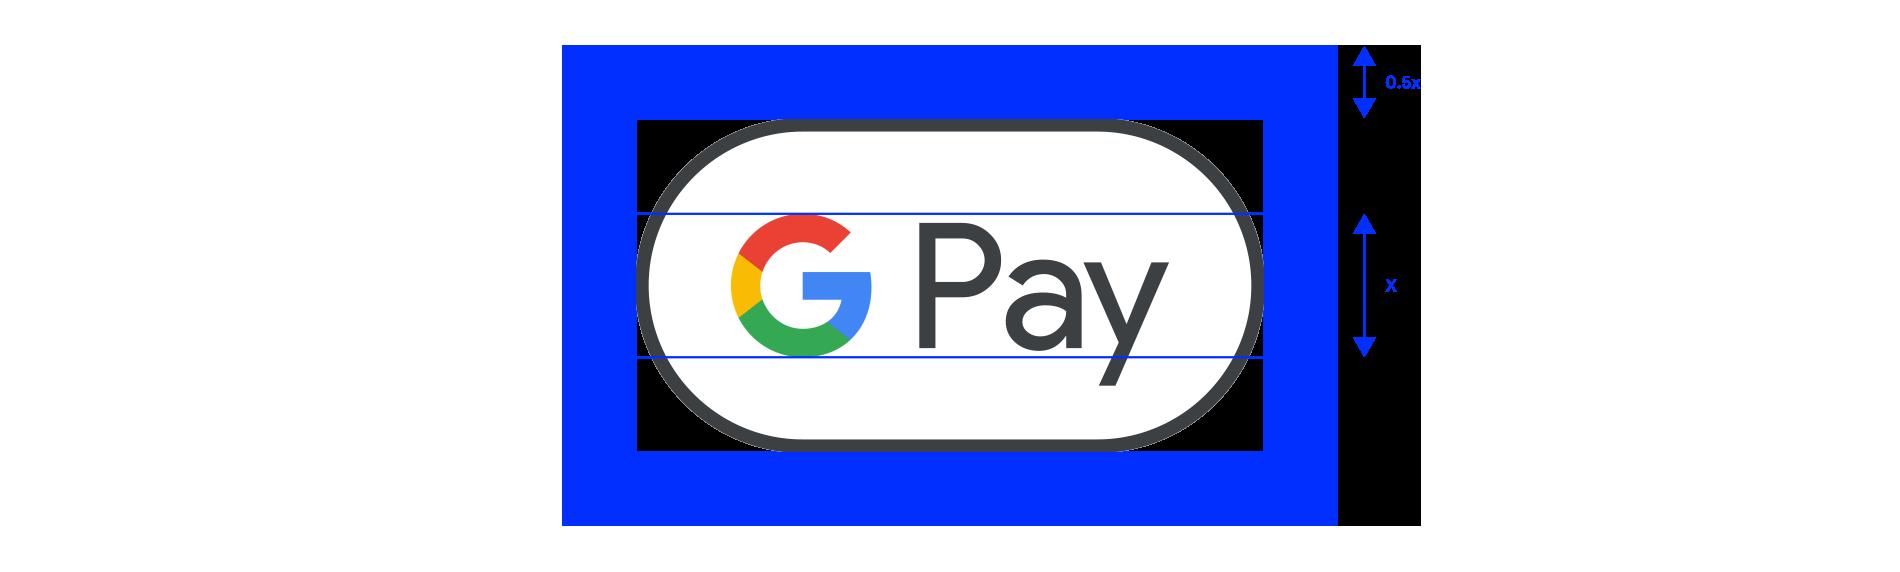 Google Pay 標誌周圍留空範例